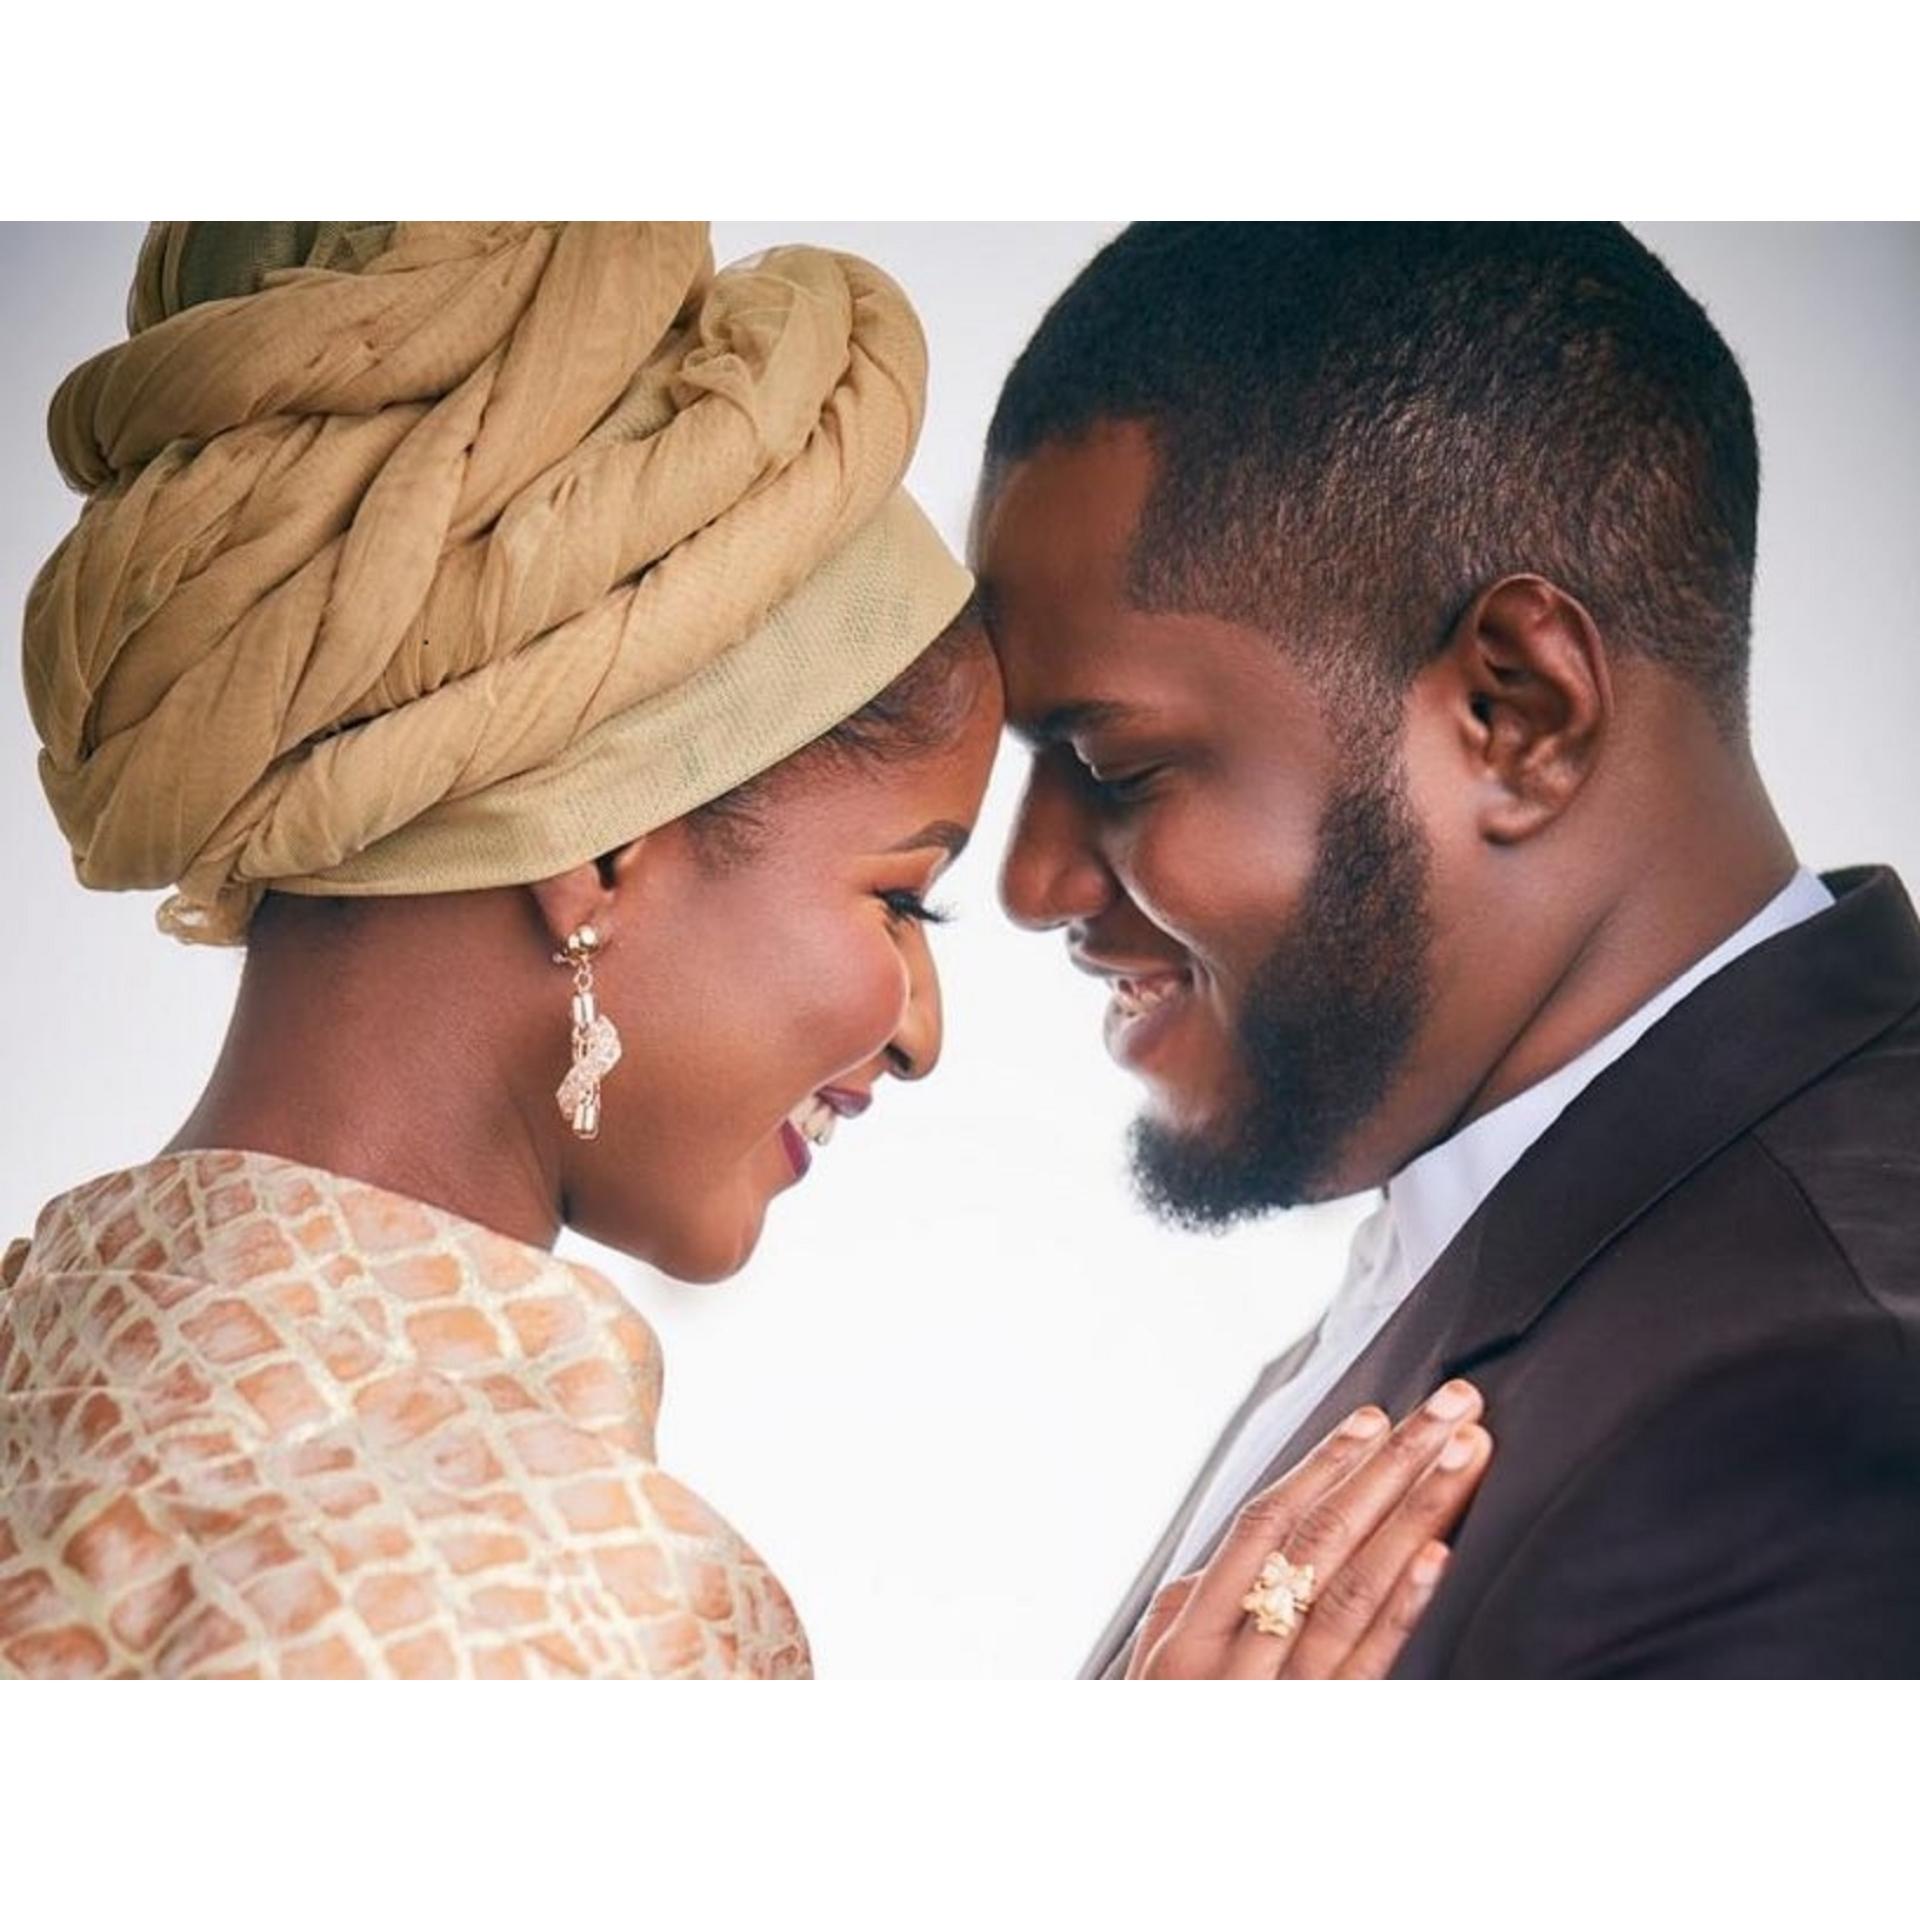 Ribadu unites Osinbajo, Atiku at sons' wedding